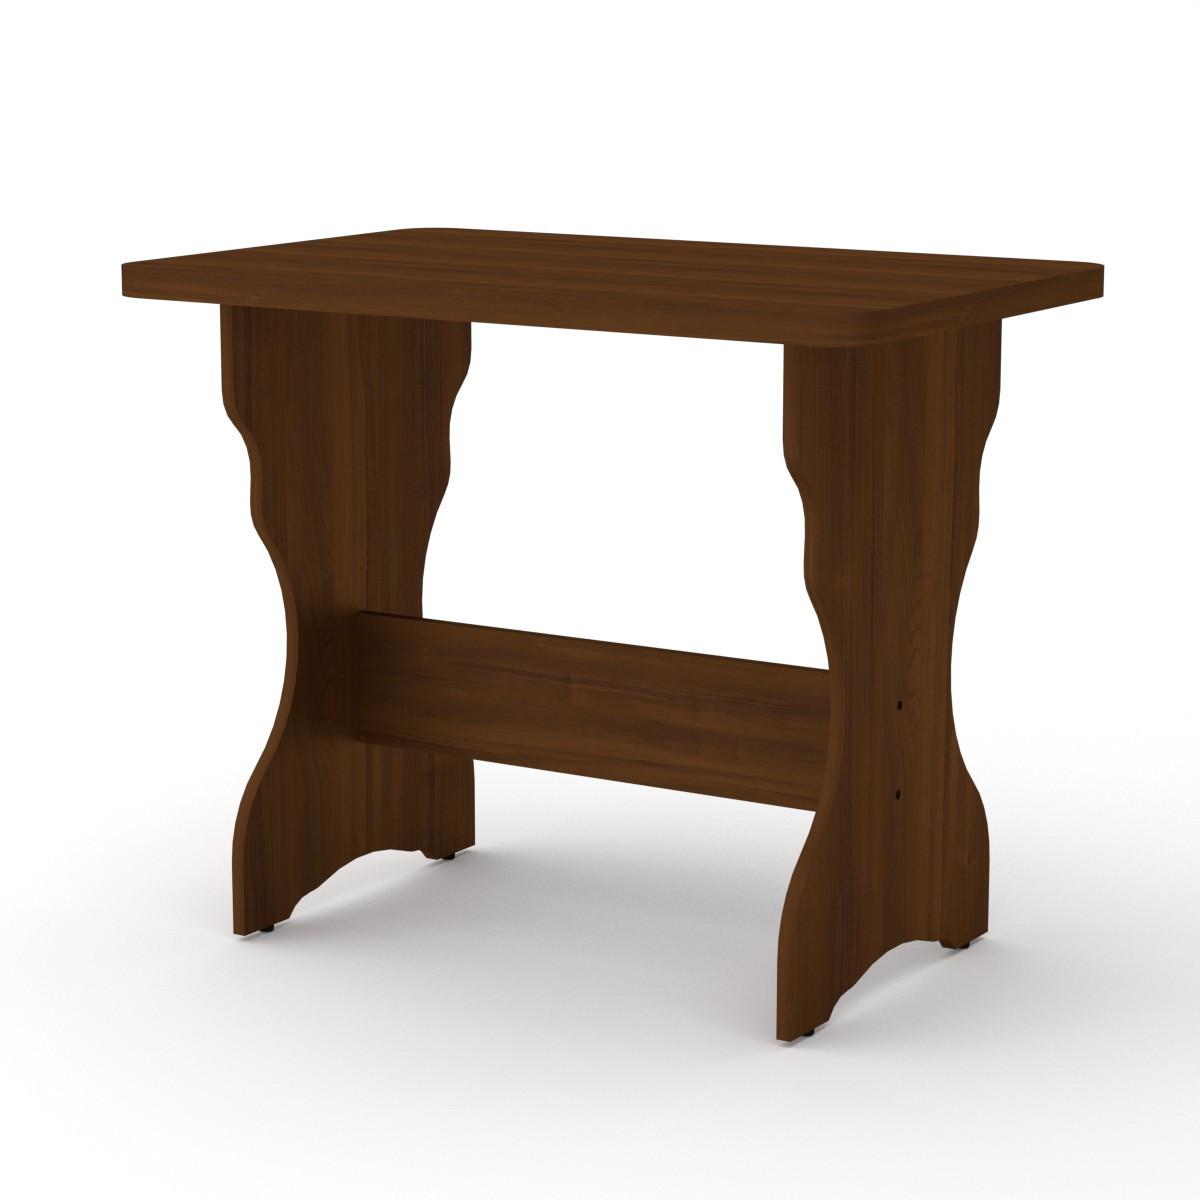 Стол кухонный КС-3 орех экко Компанит (90х59х73 см)